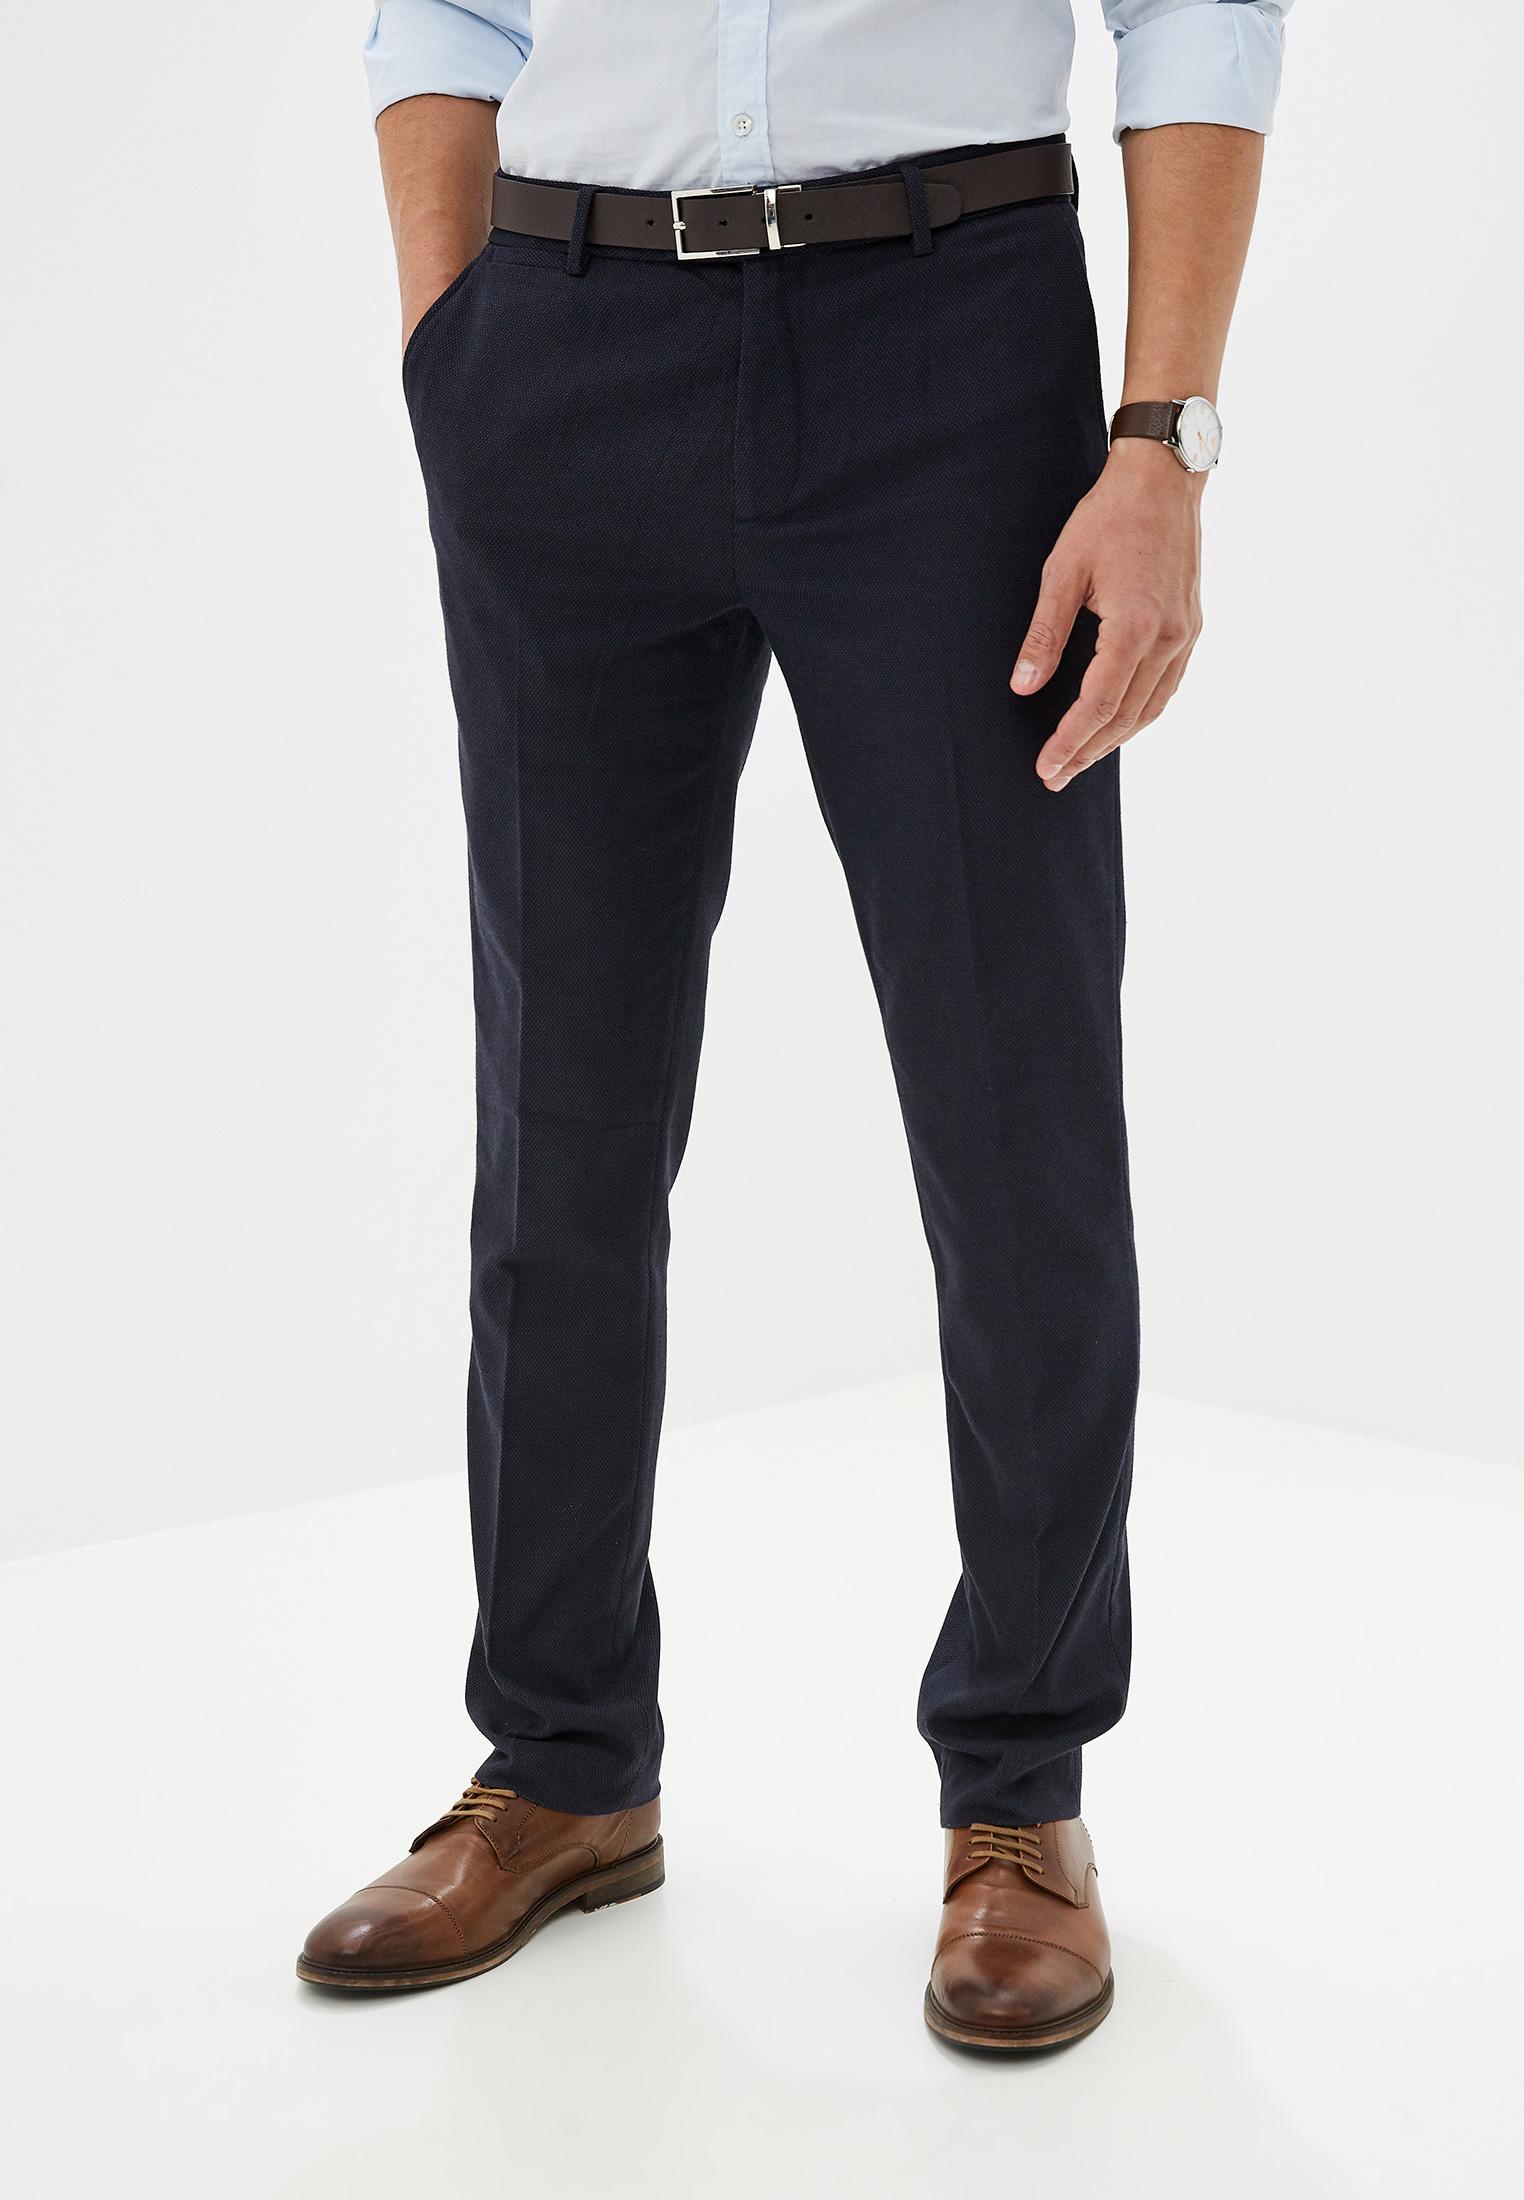 Мужские классические брюки O'stin MP9V52